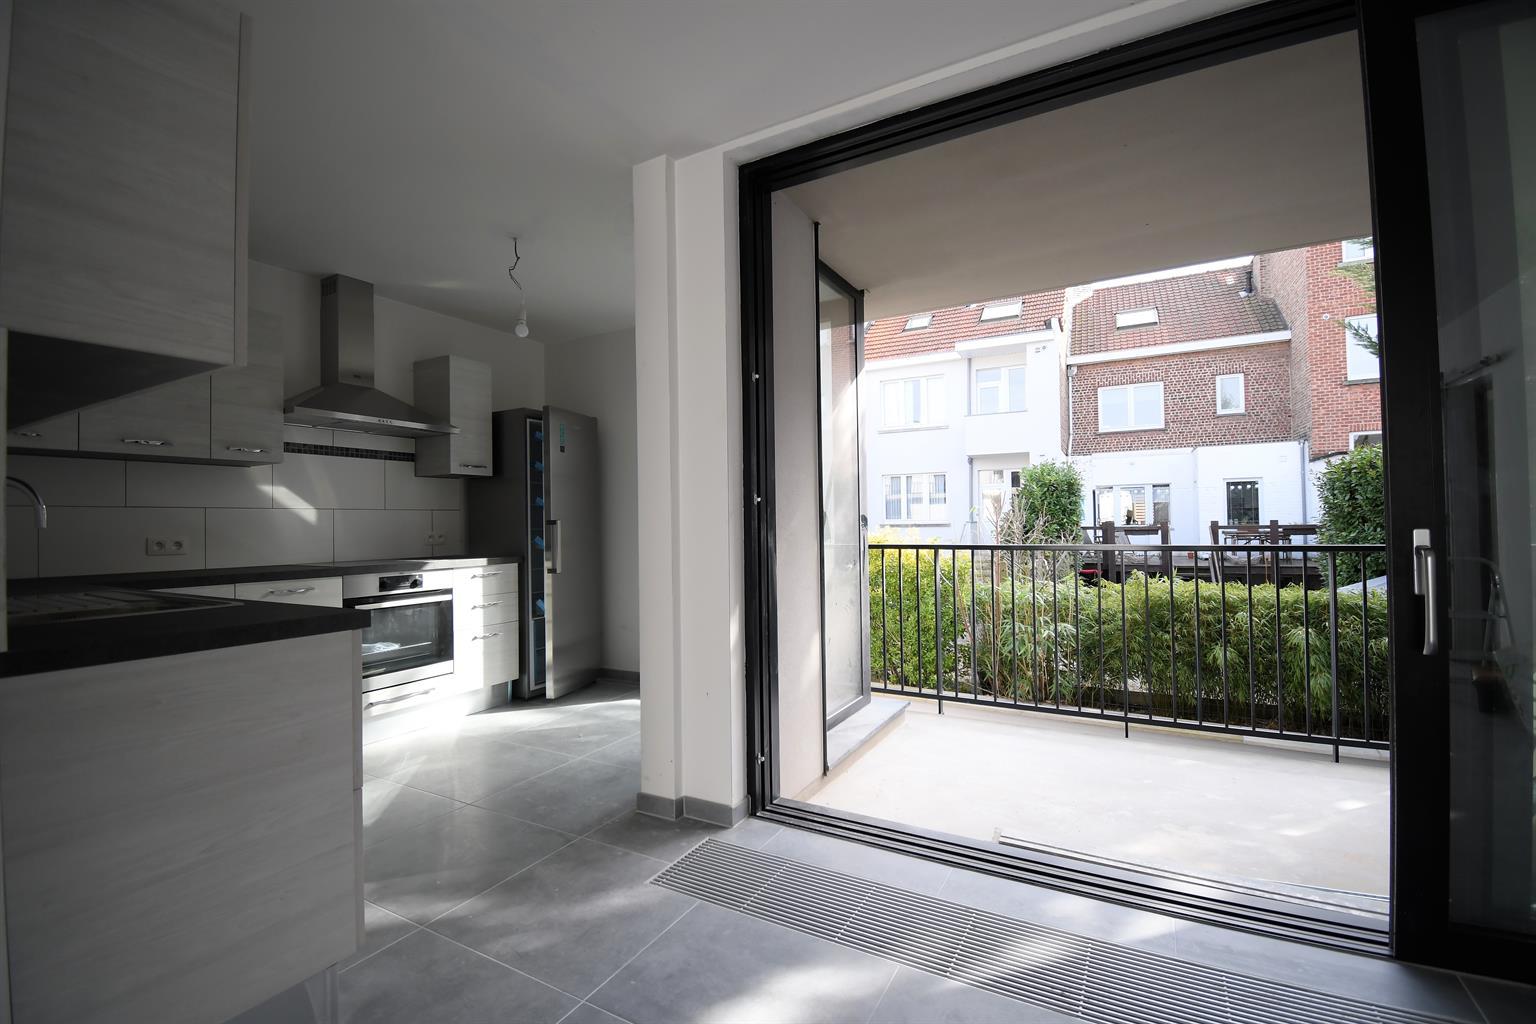 Appartement - Woluwe-Saint-Pierre - #4368821-6